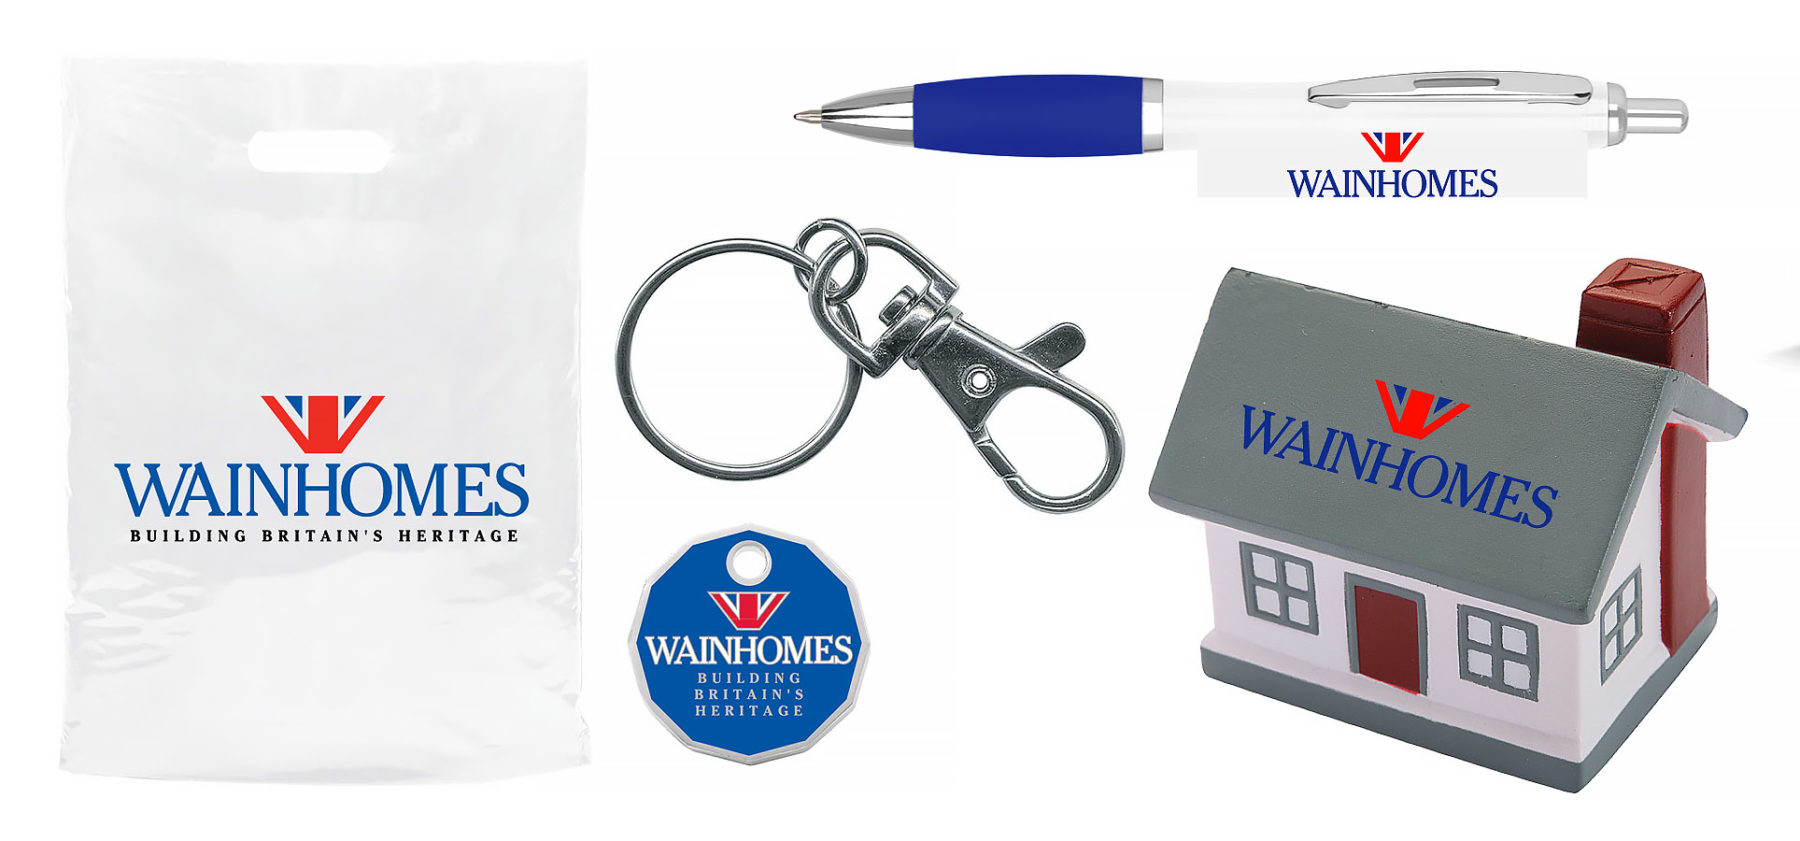 Wainhomes merchandise